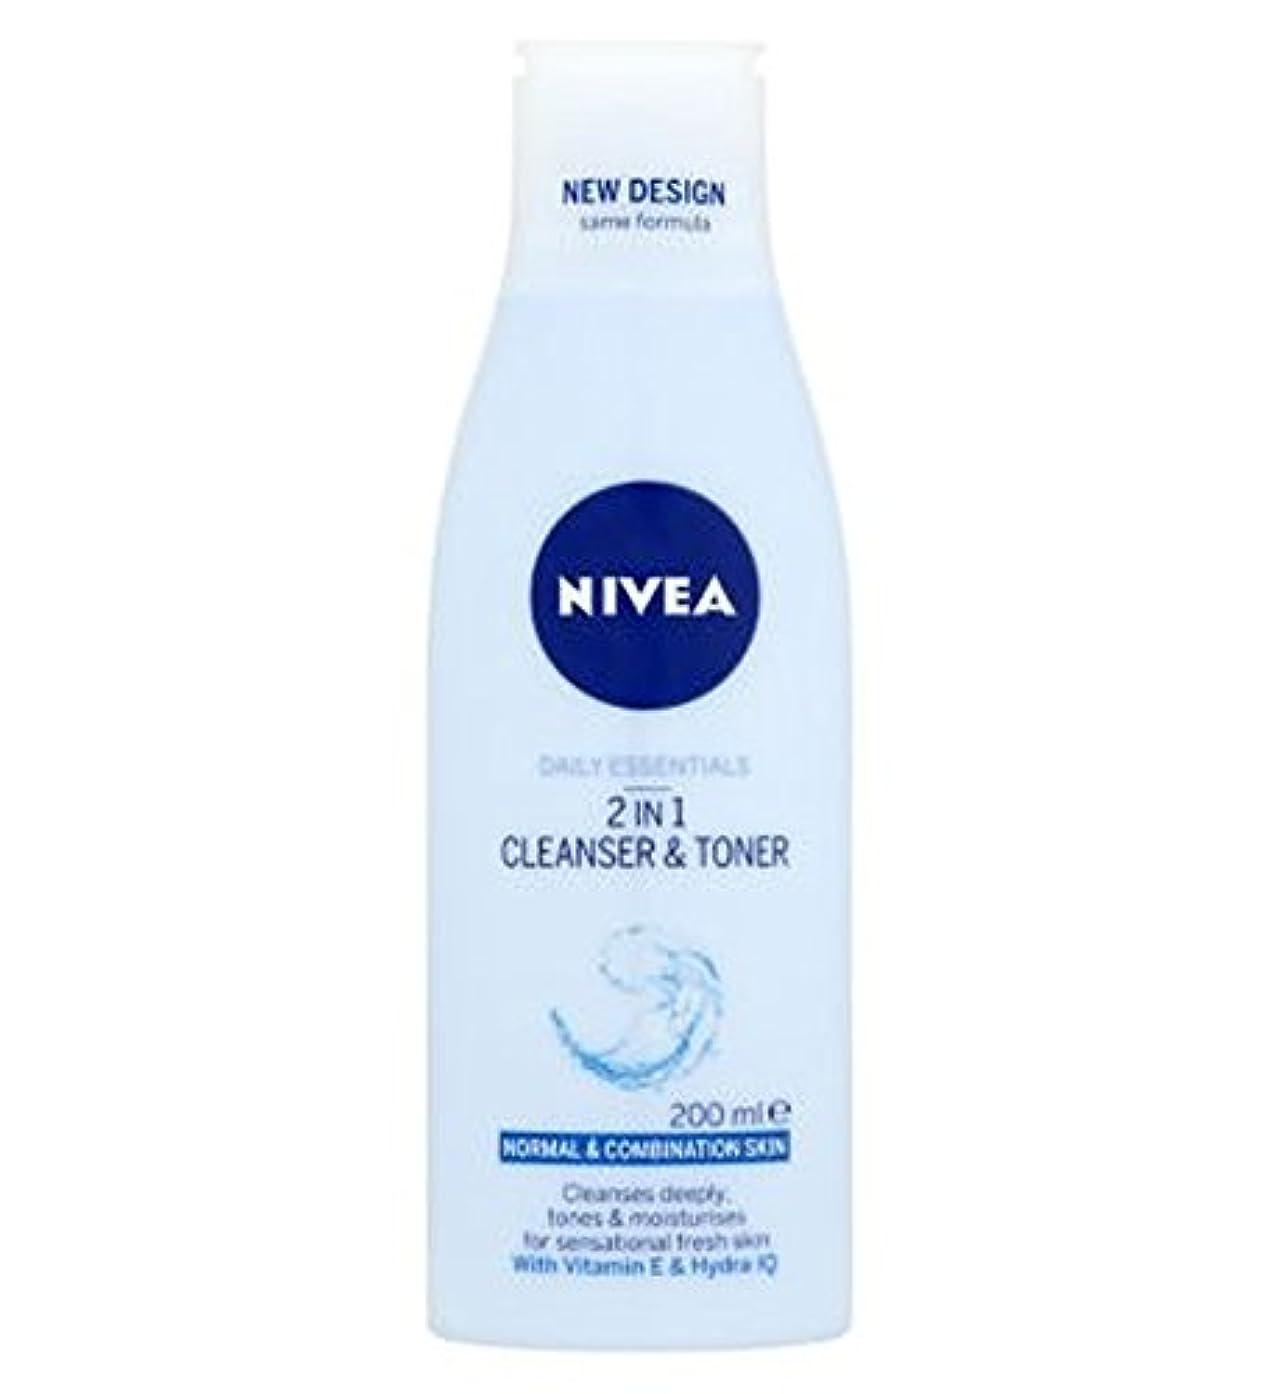 旅ベックス吸収剤ニベア生活必需品2 1クレンザーとトナー200ミリリットルで (Nivea) (x2) - Nivea Daily Essentials 2 in 1 Cleanser and Toner 200ml (Pack of...